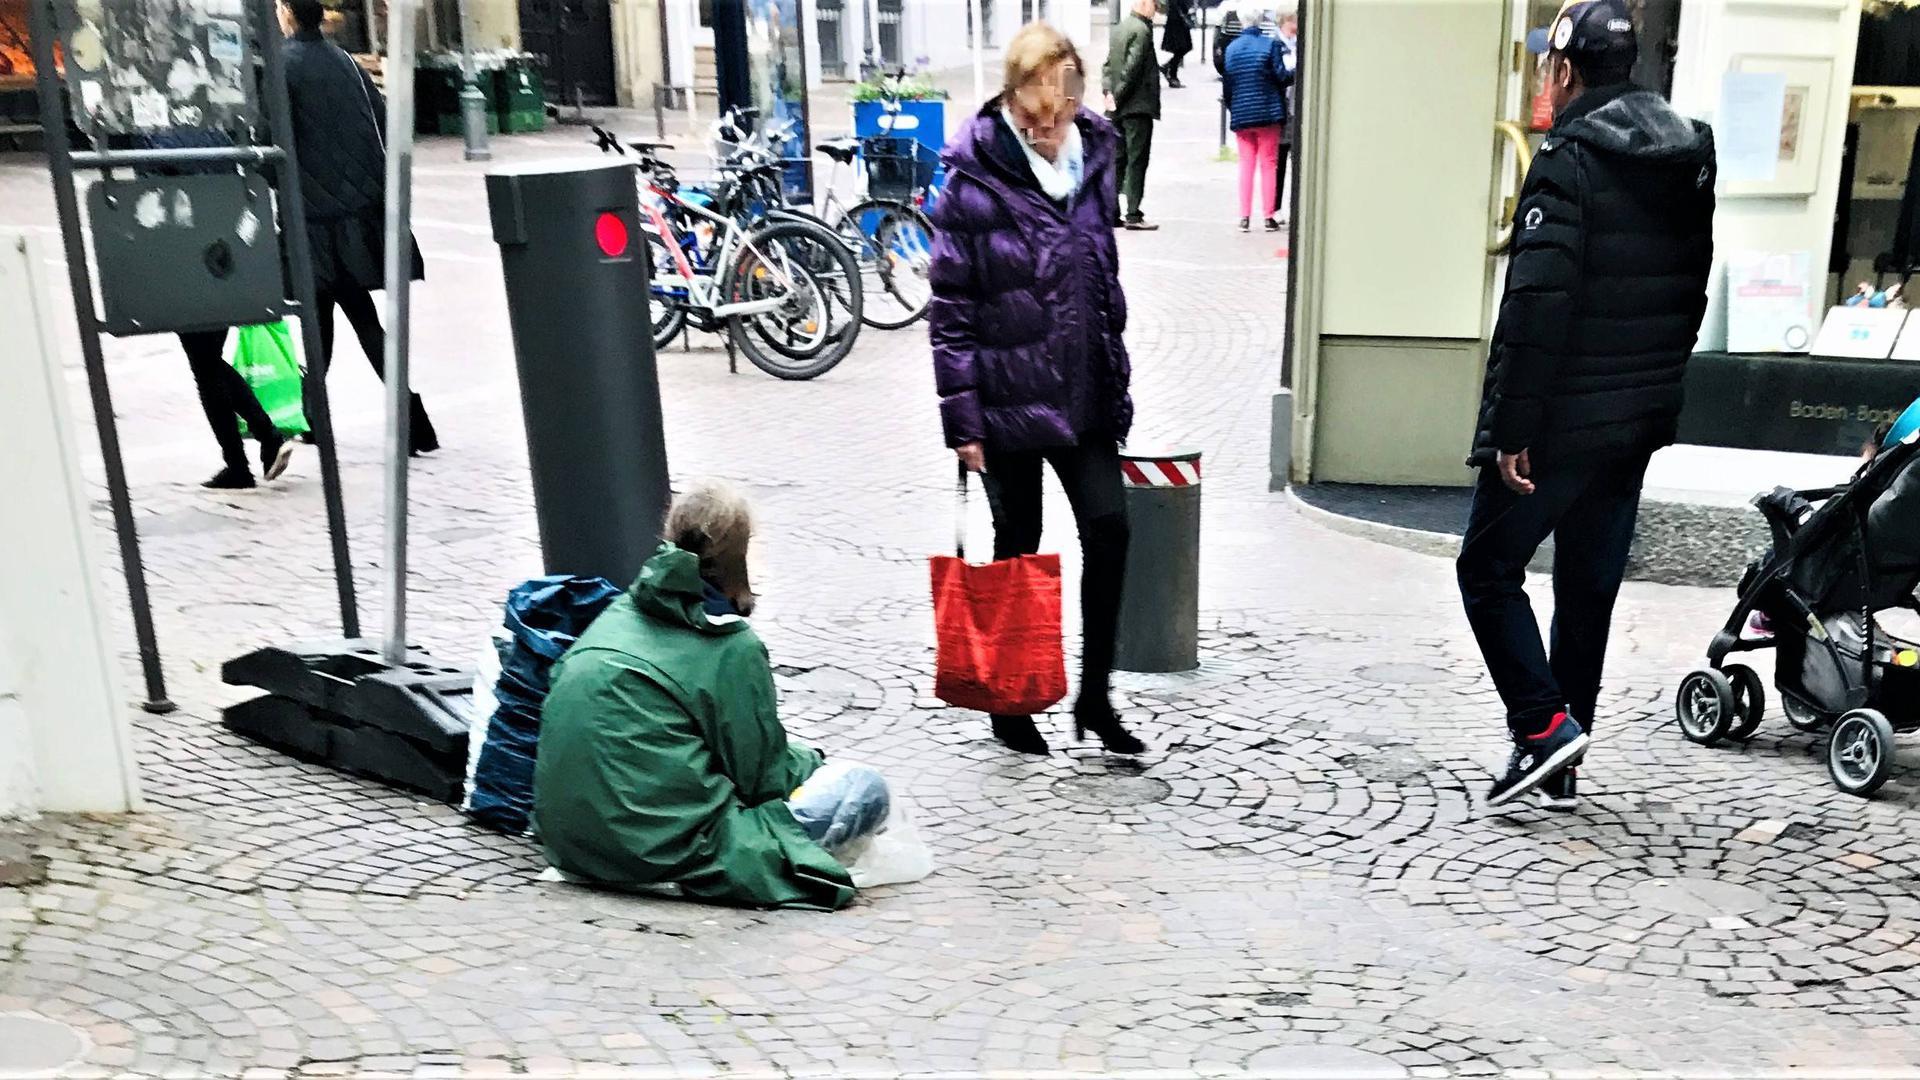 Kein seltenes Bild: Ein Bettler in der Baden-Badener Fußgängerzone. Das passt nicht zum Image der Stadt, die vor allem auch vom Tourismus lebt. Doch das Betteln ist nicht strafbar, wenn sich die Personen an Regeln halten. Anders sieht es aus, wenn gewerbsmäßig organisierte Bettlerbanden unterwegs sind.